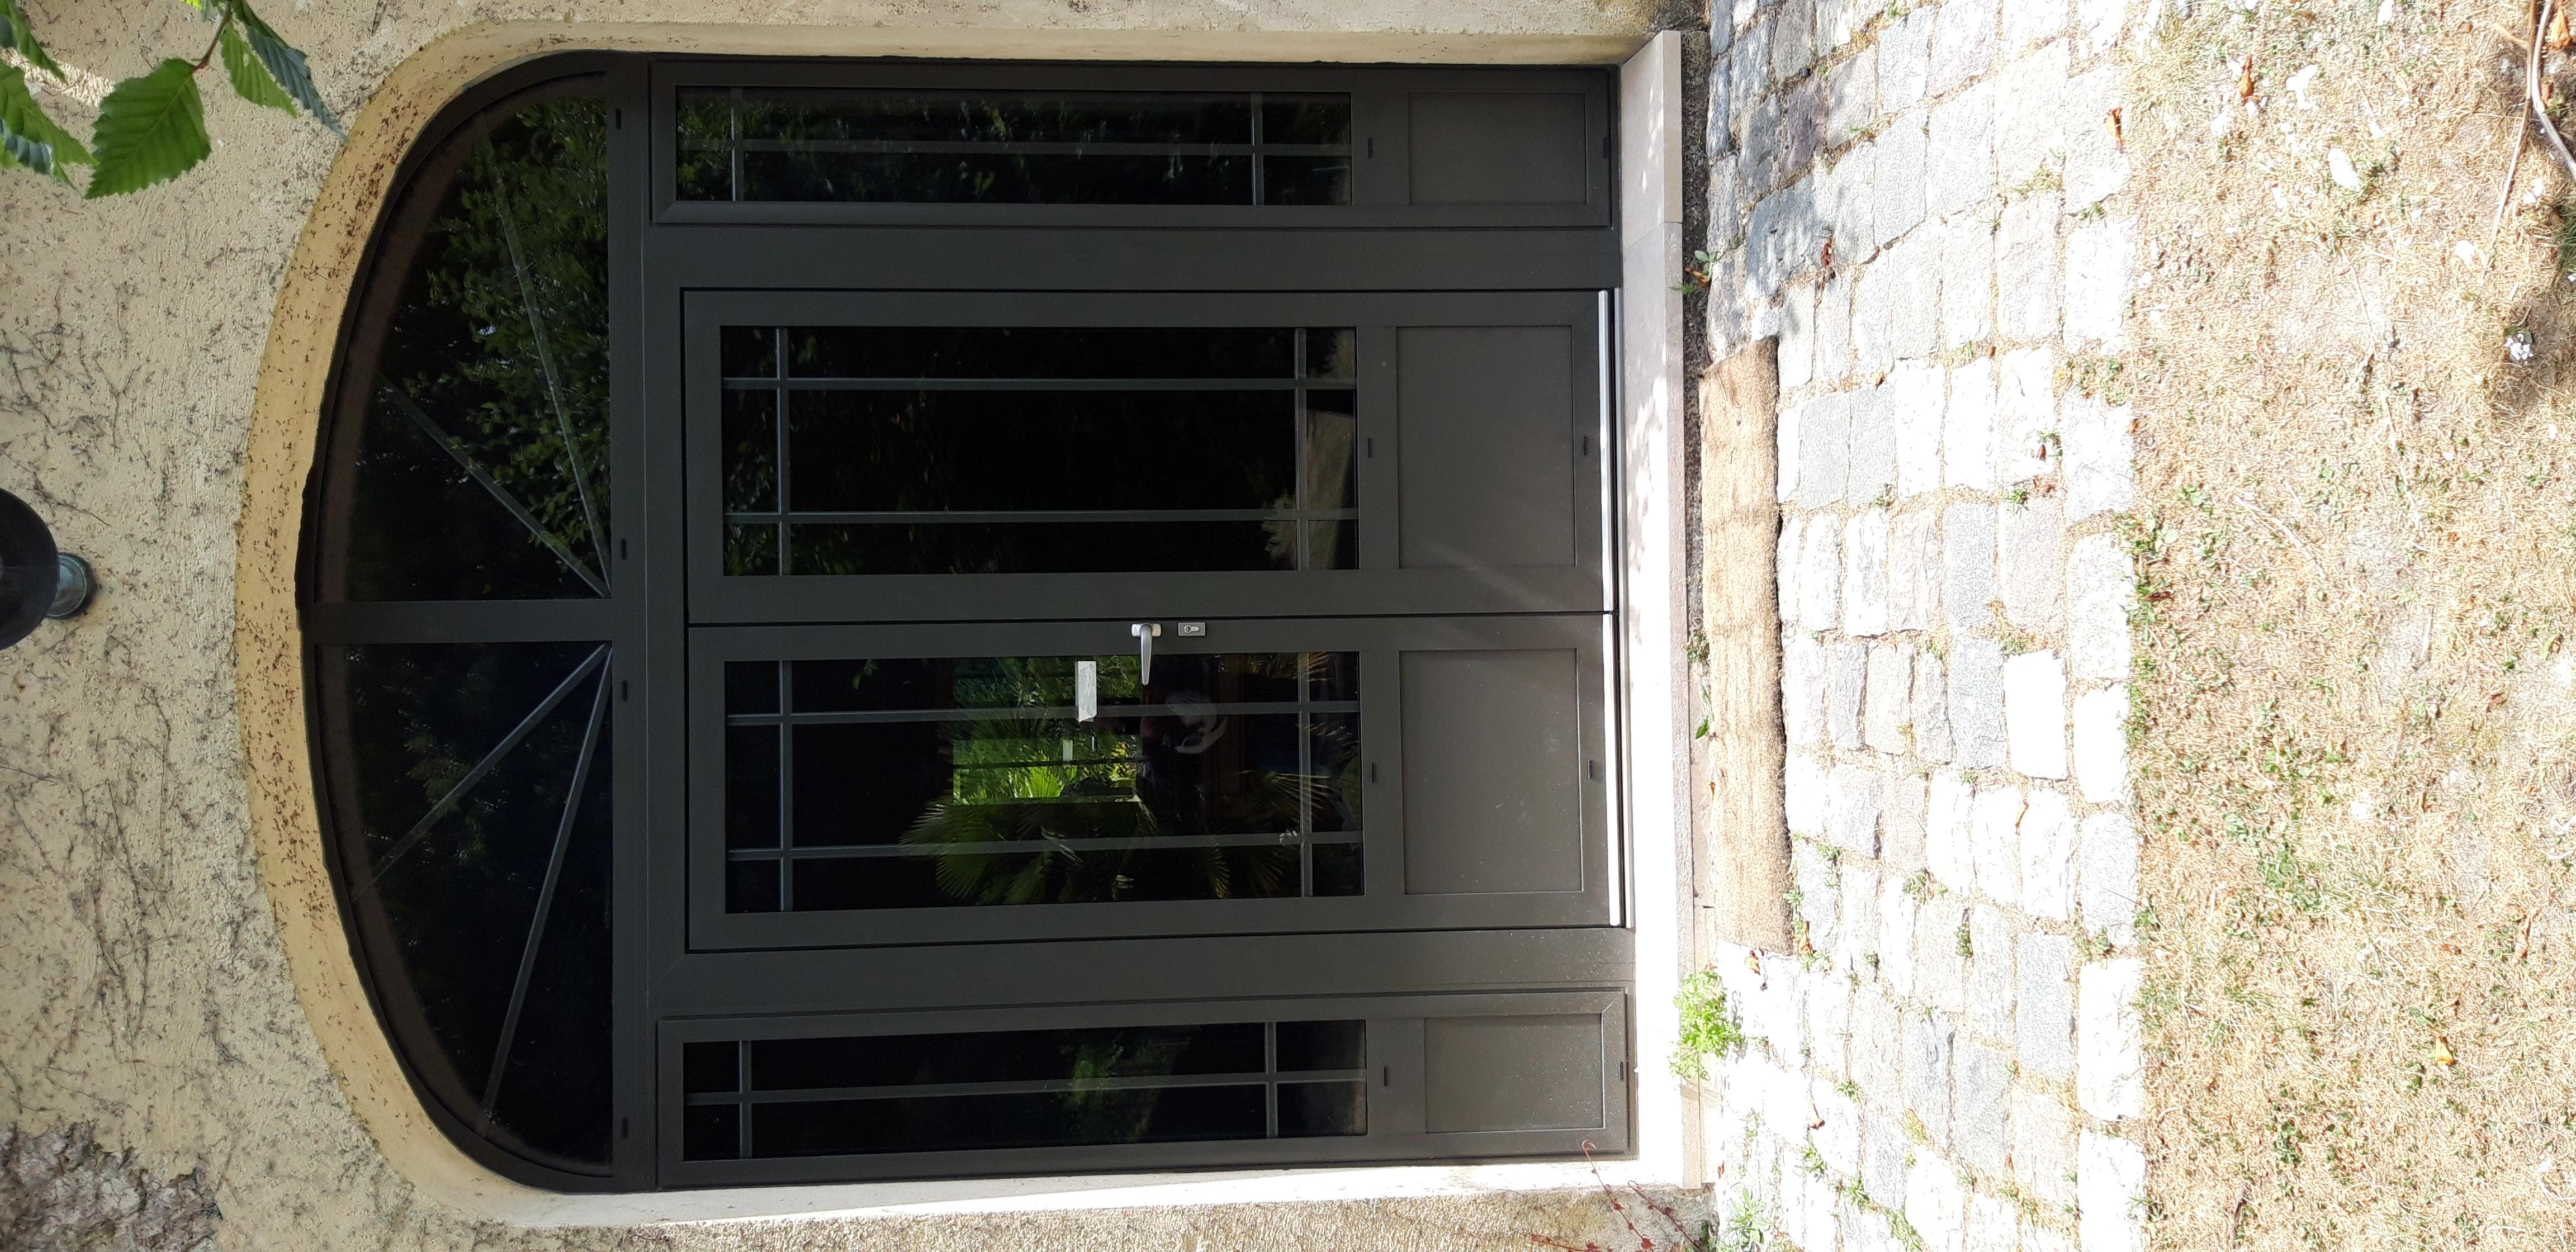 Châssis composé de 2 fixes, d'une porte fenêtre double et d'un imposte cintré